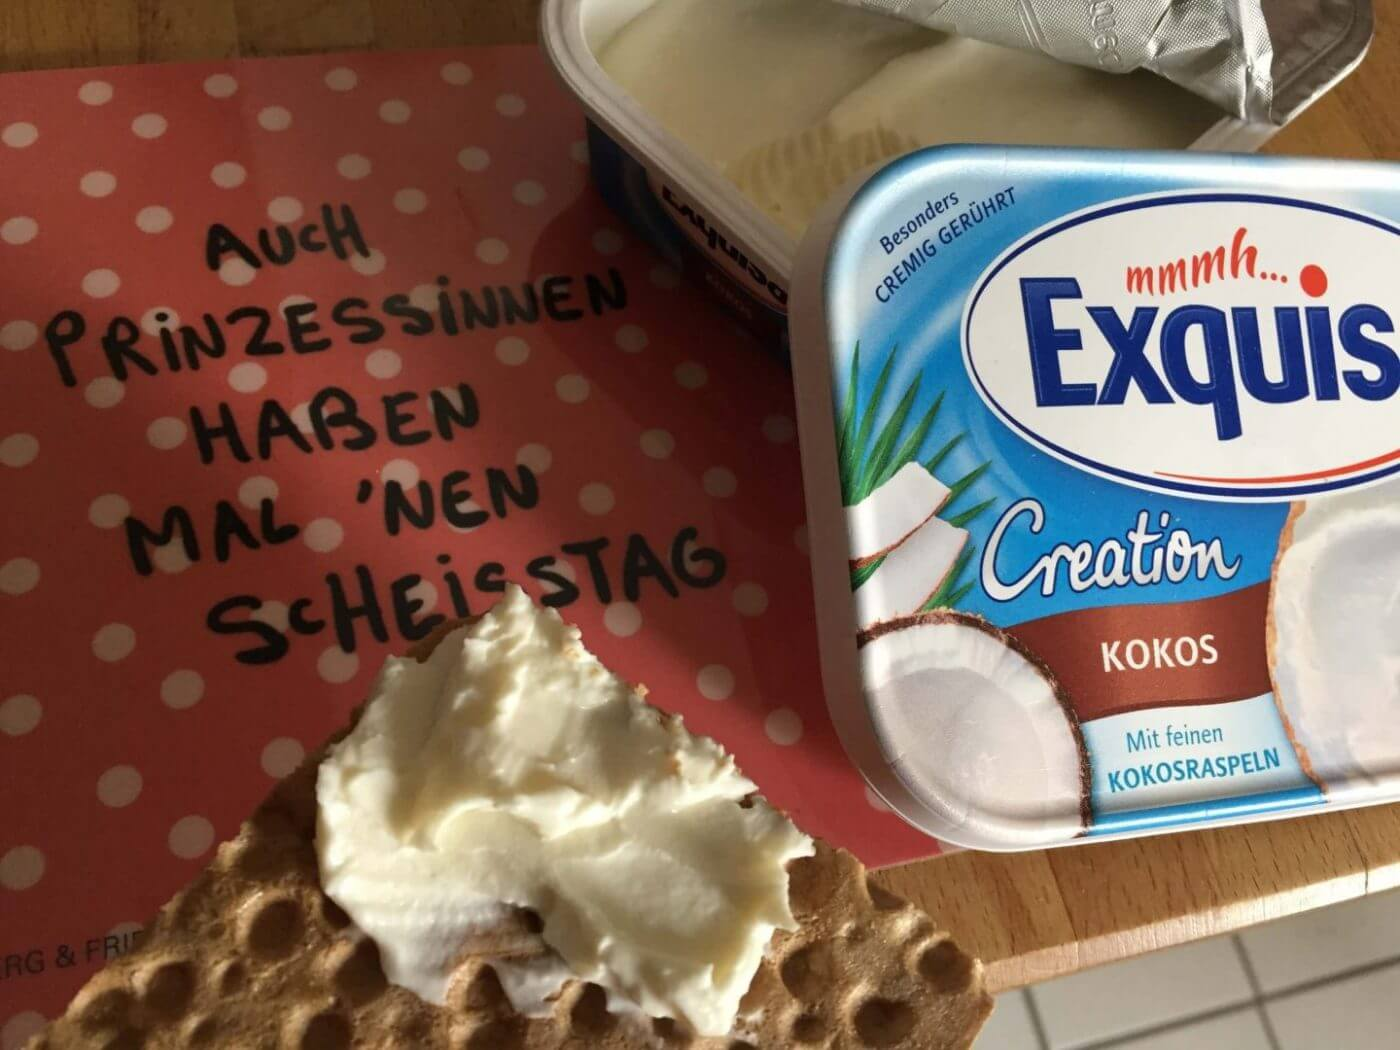 Exquisa Kokos auf Knusperbrot (1)